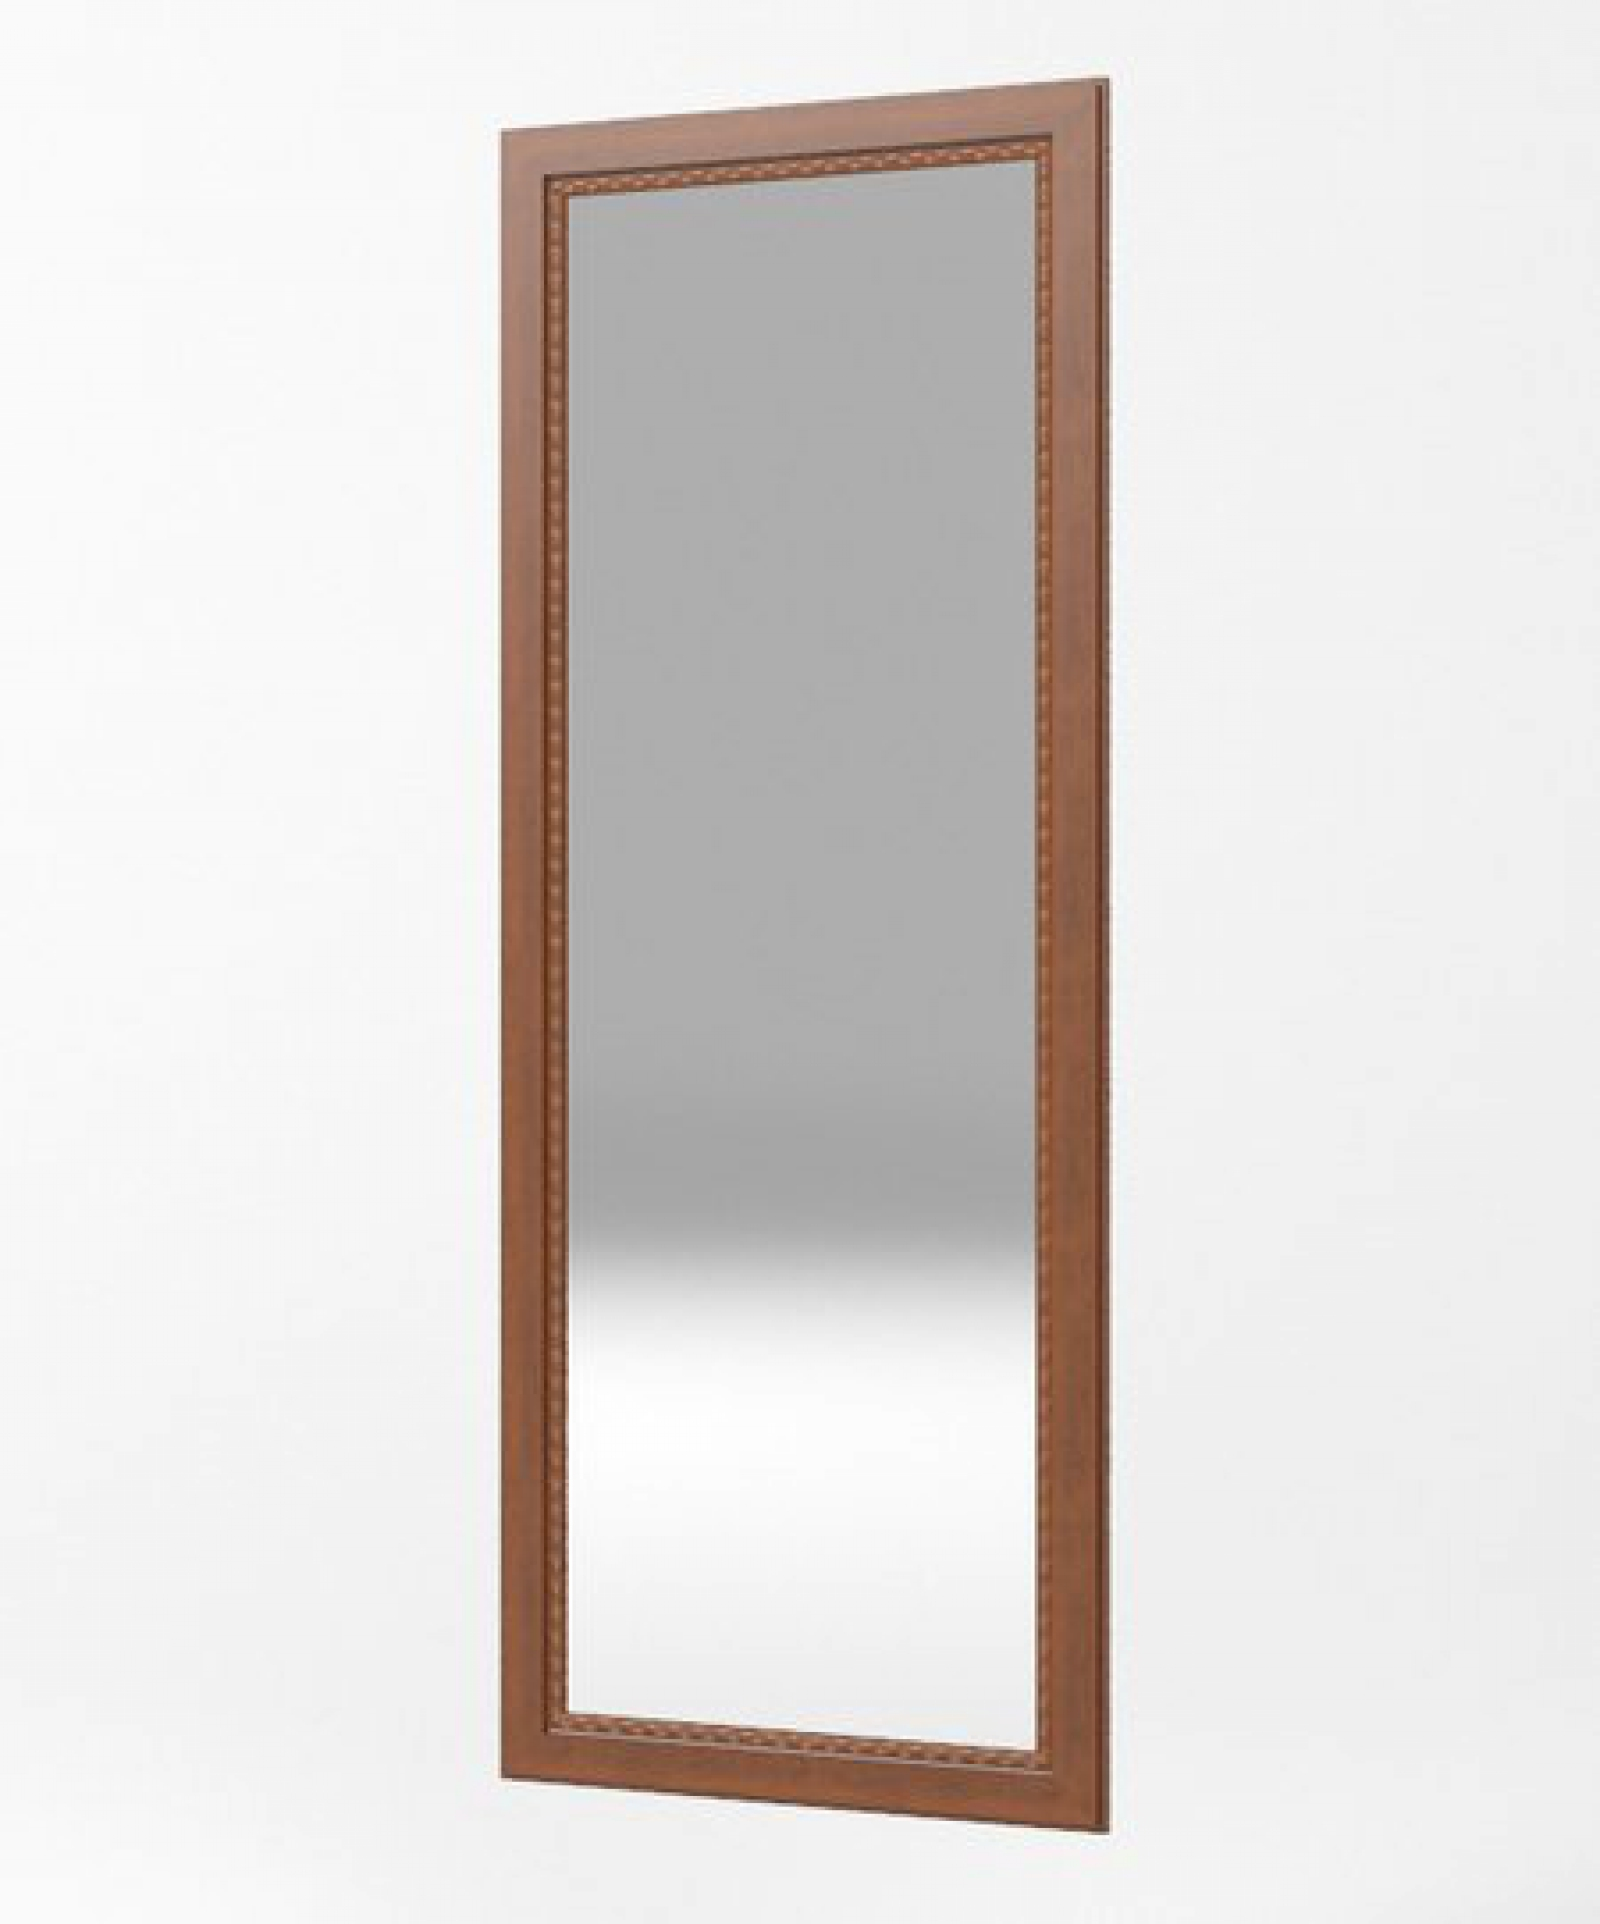 Сакура Орех Зеркало навесное Z91 - 1